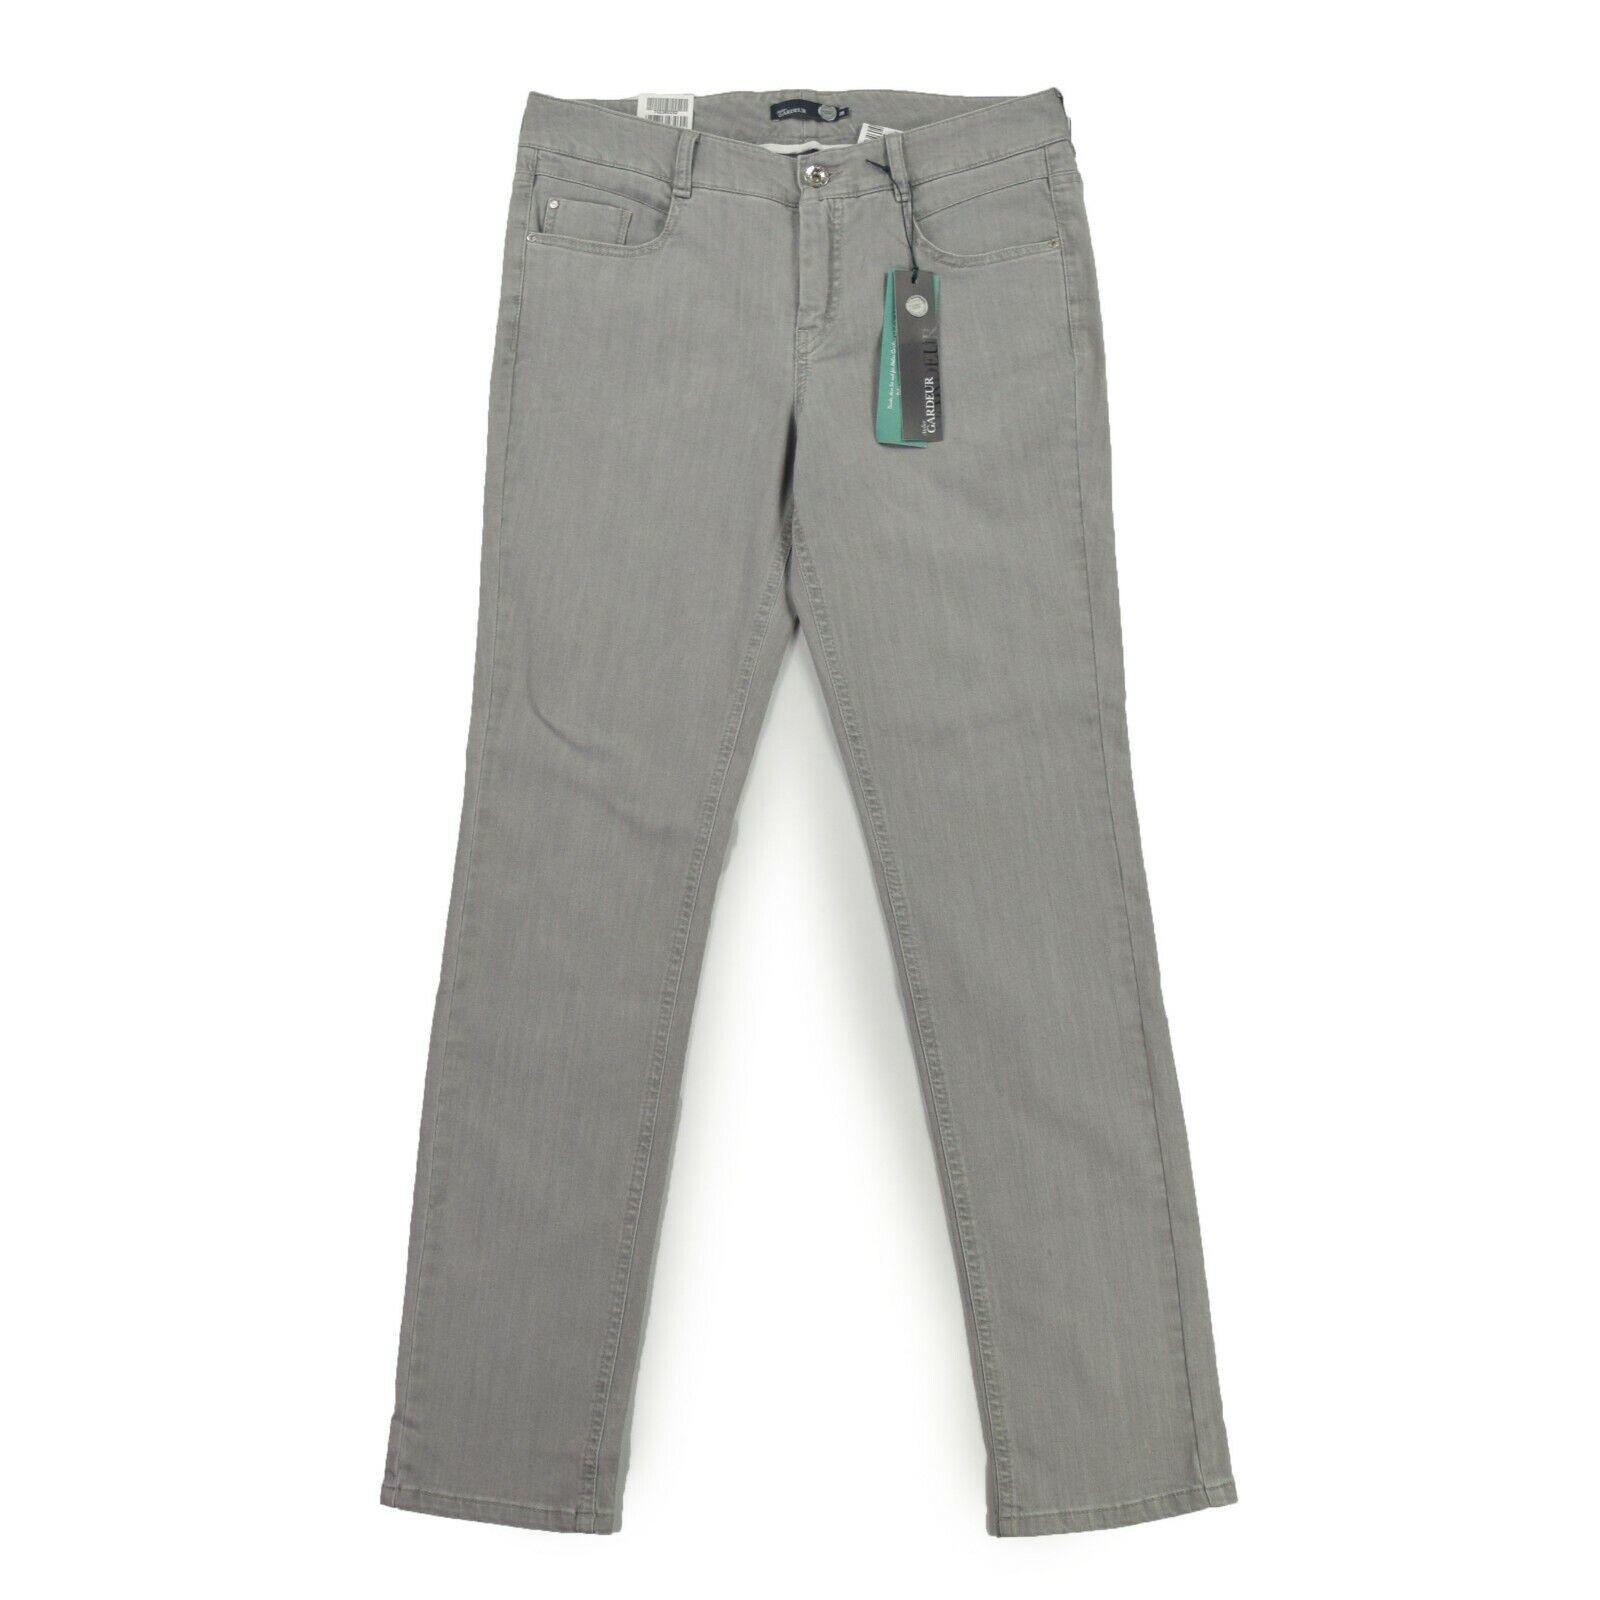 Alelier Gardeur Donna Pantaloni Tg. 38 w33 l31 Zuri JEANS STRECH donna pants trousers